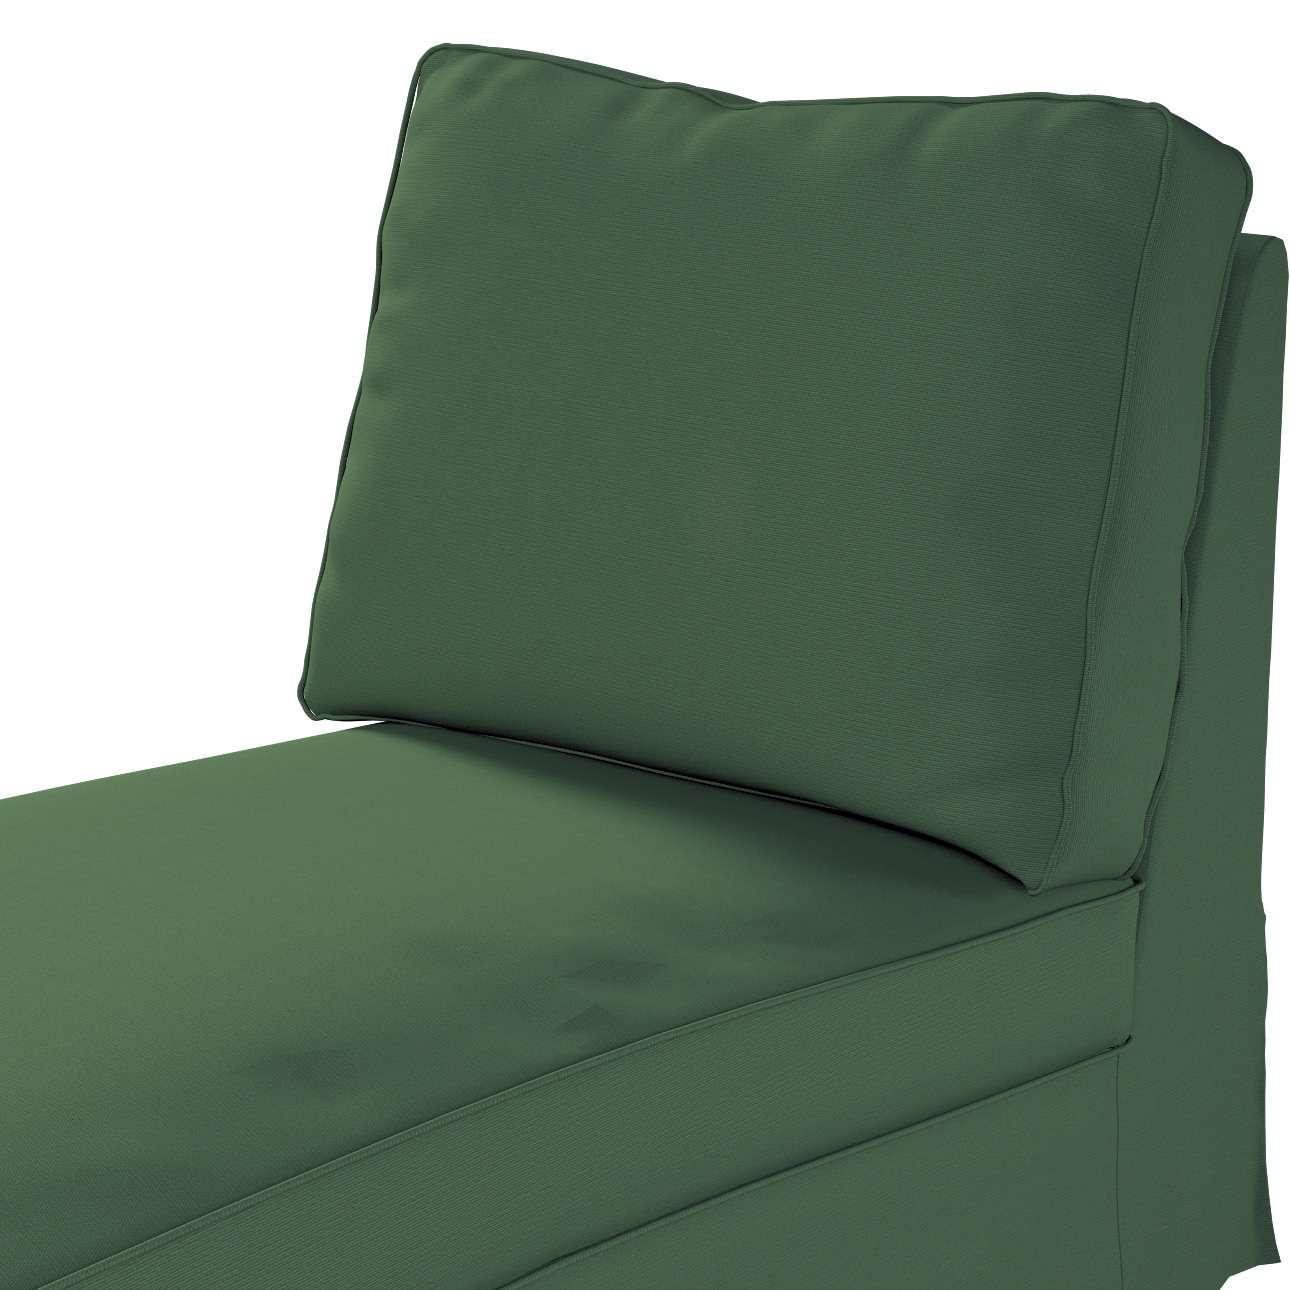 Pokrowiec na szezlong/ leżankę Ektorp wolnostojący prosty tył w kolekcji Cotton Panama, tkanina: 702-06